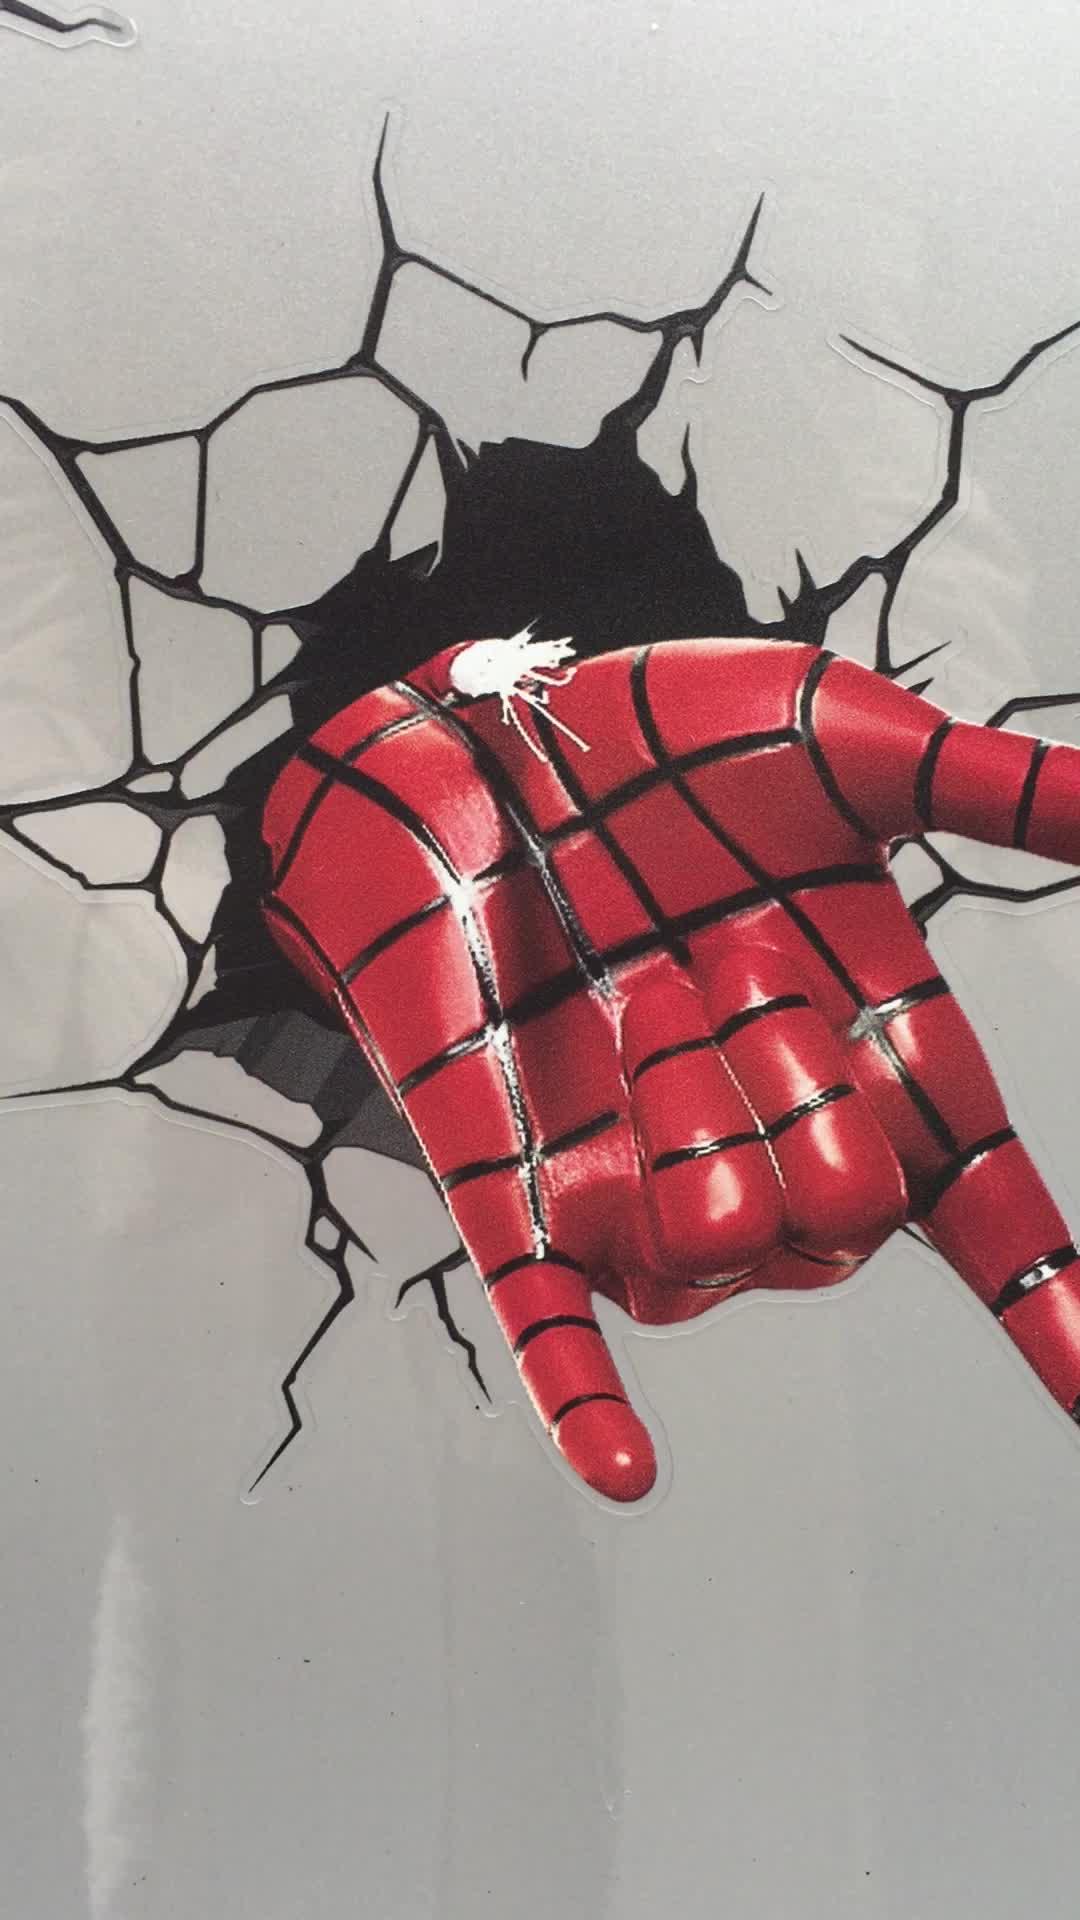 ETIE de PVC de hierro hombre 3D etiqueta de la pared para la decoración del hogar pegatina para coche accesorios de decoración impermeable